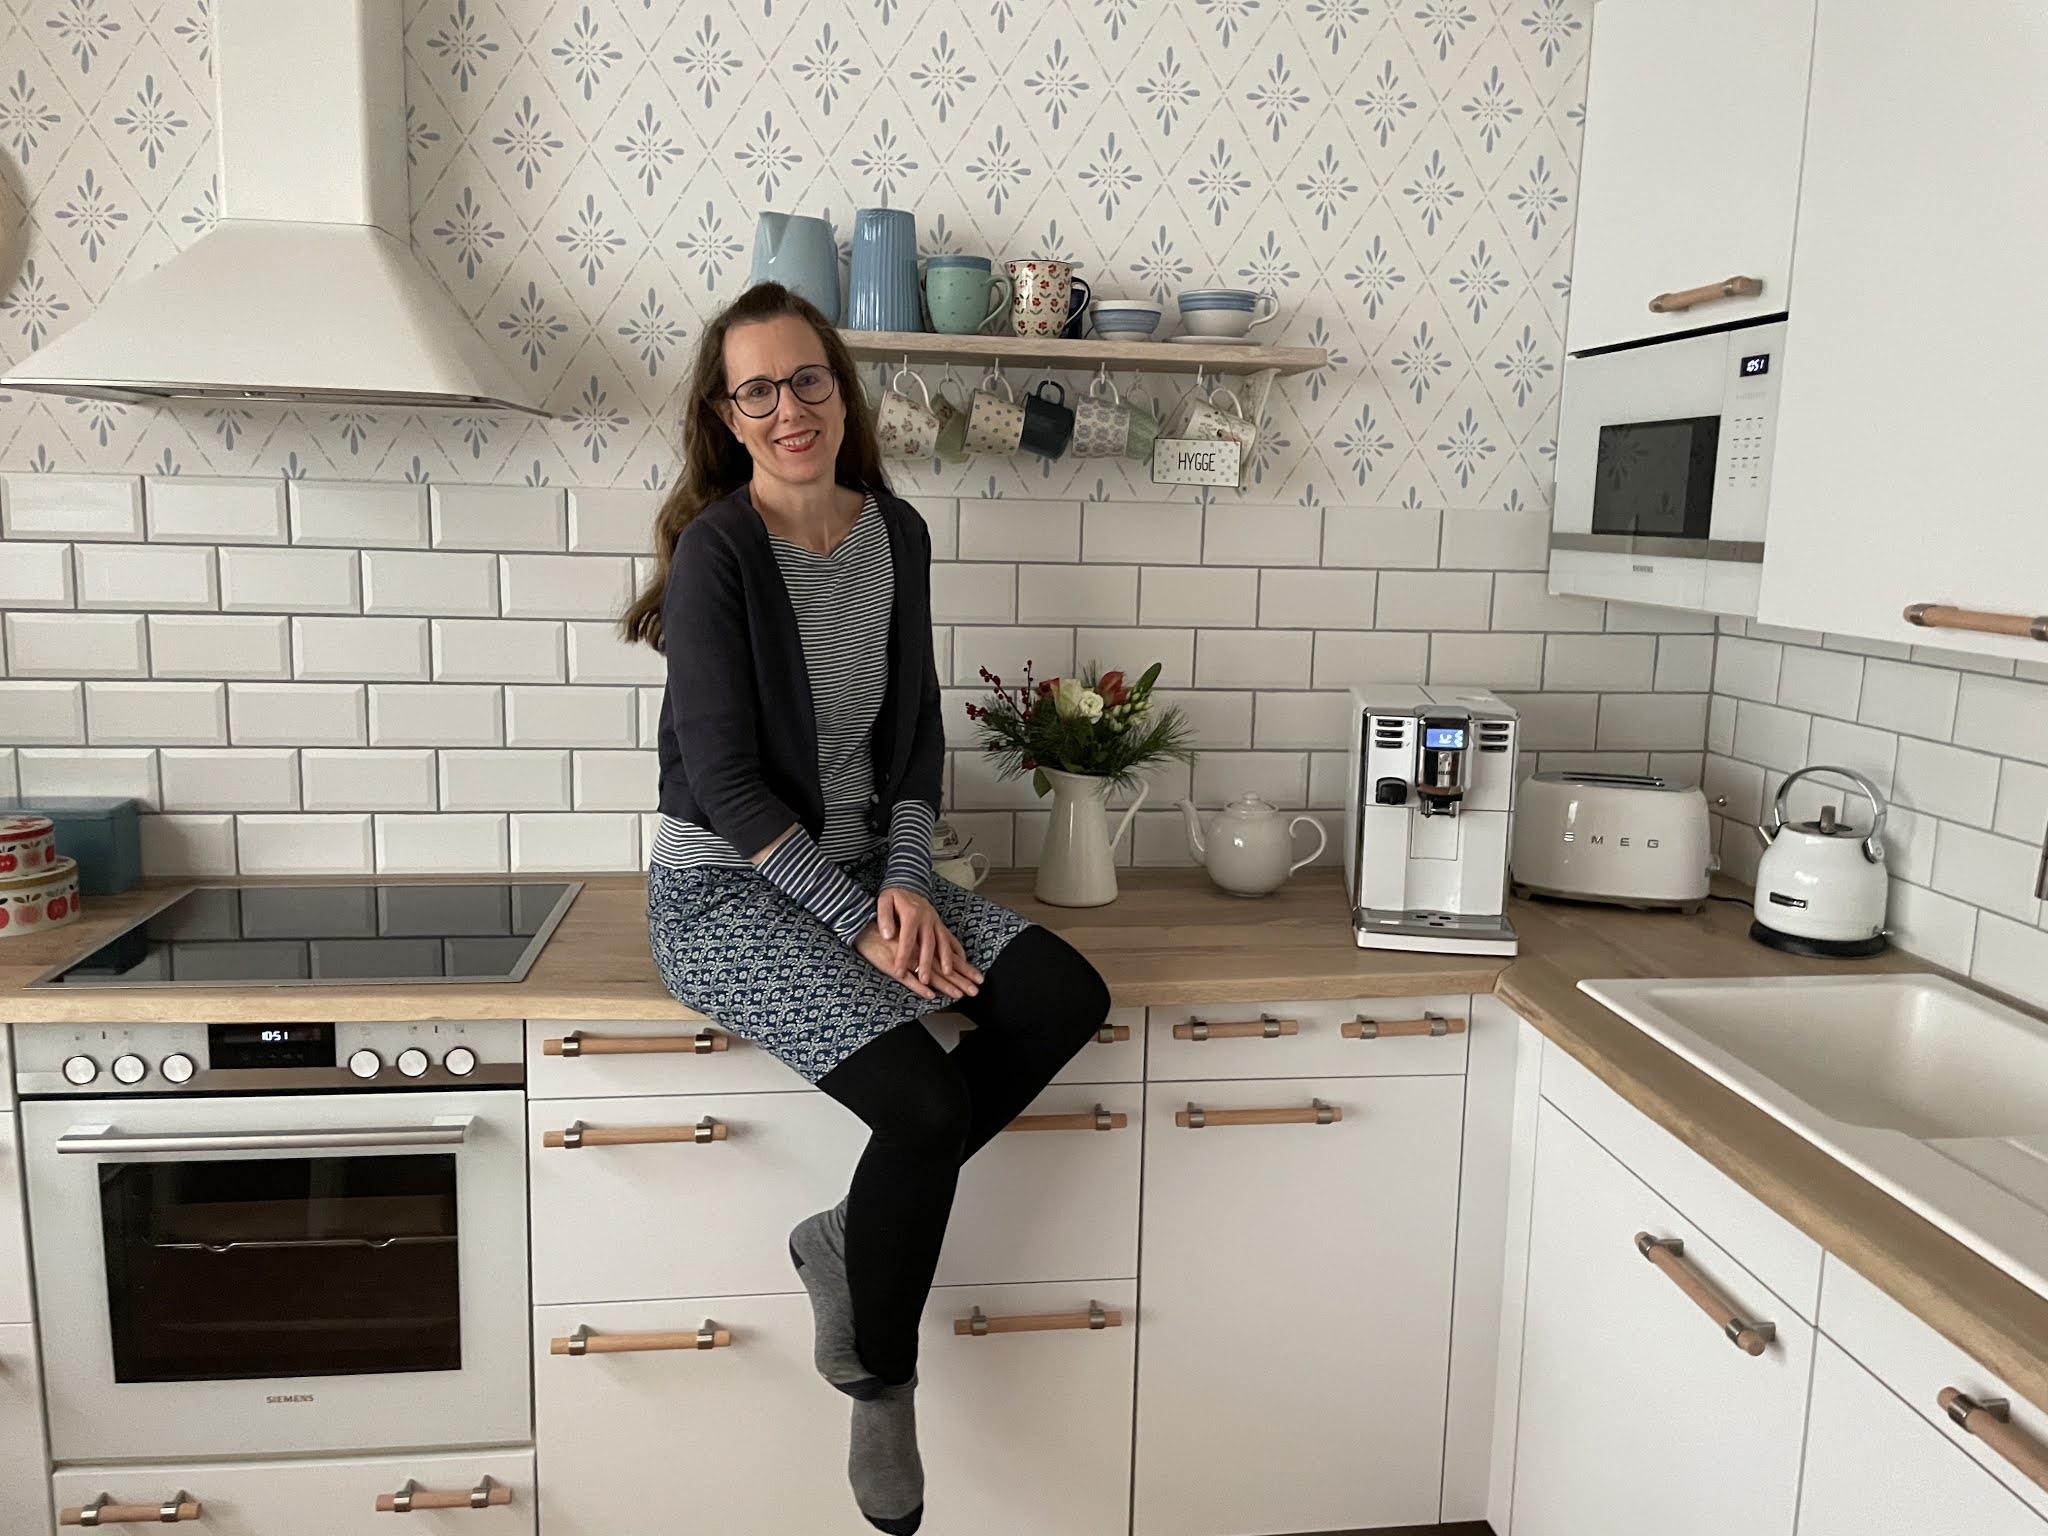 Unser Küchenumbau oder unsere neue Küche im skandinavischen Stil | ♥  Zuckersüße Äpfel - kreativer Familienblog und Reiseblog ♥